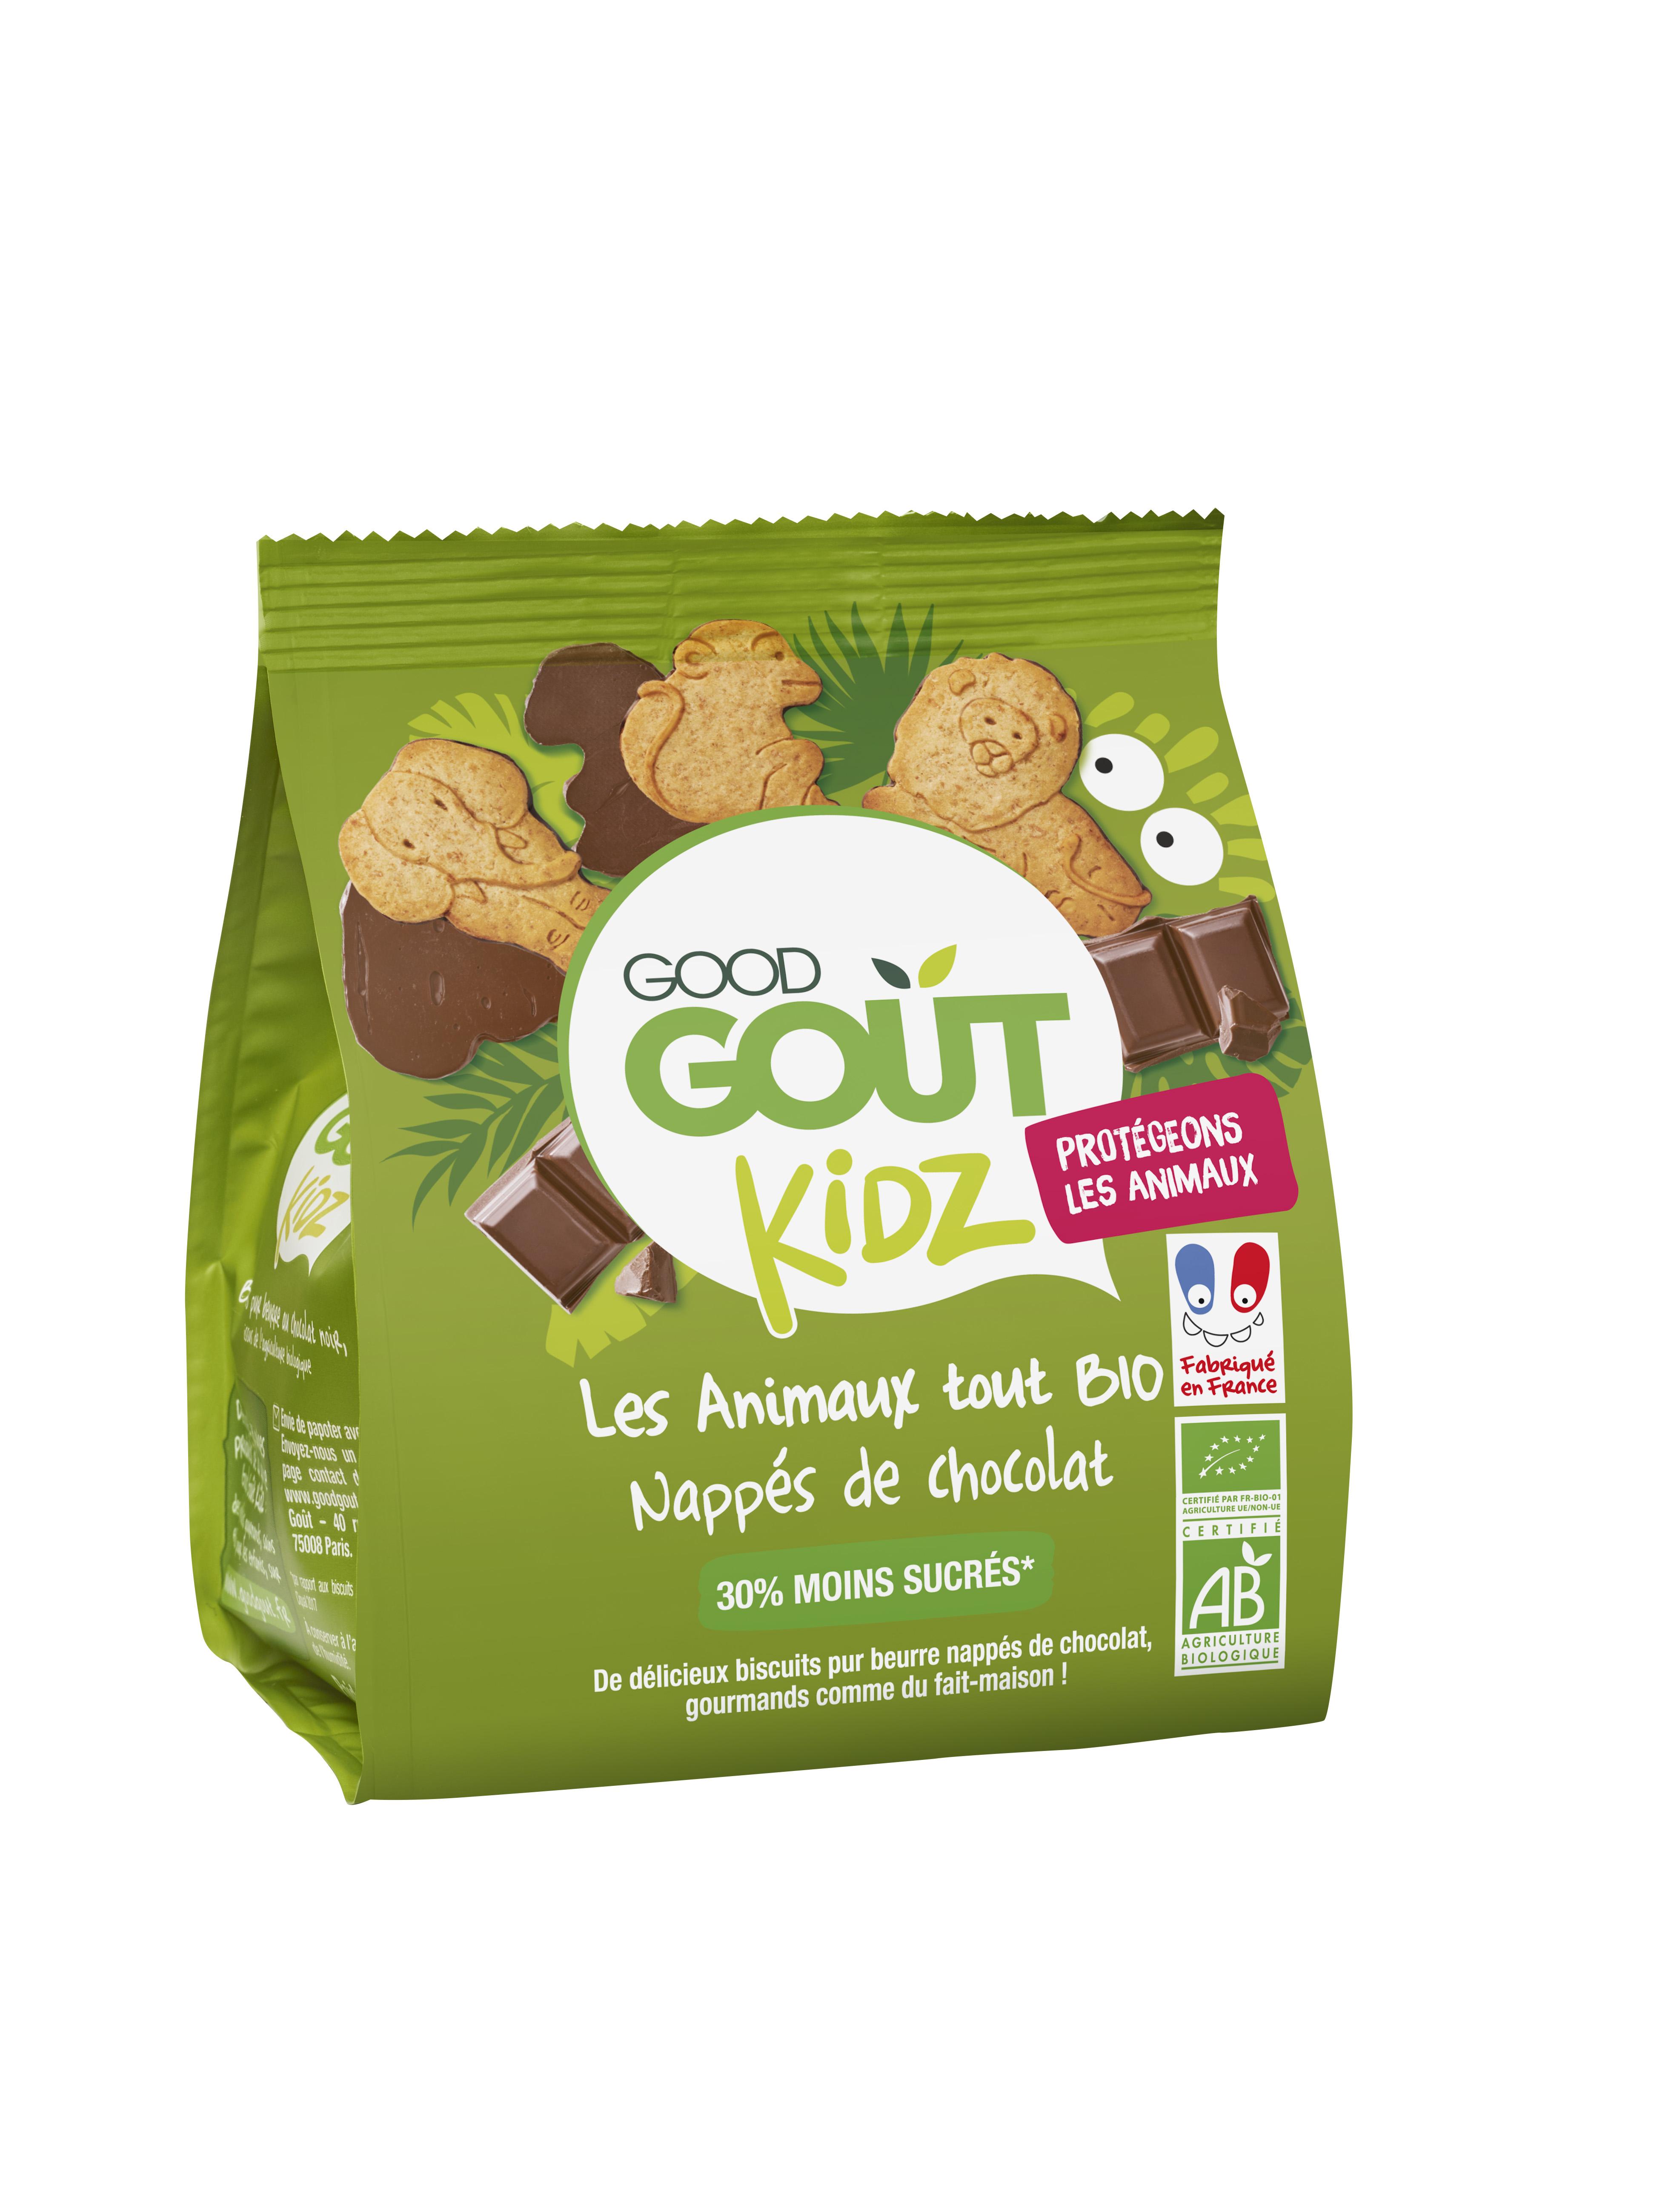 Les animaux nappés de chocolat BIO - dès 3 ans, Good Goût Kid'z (120 g)